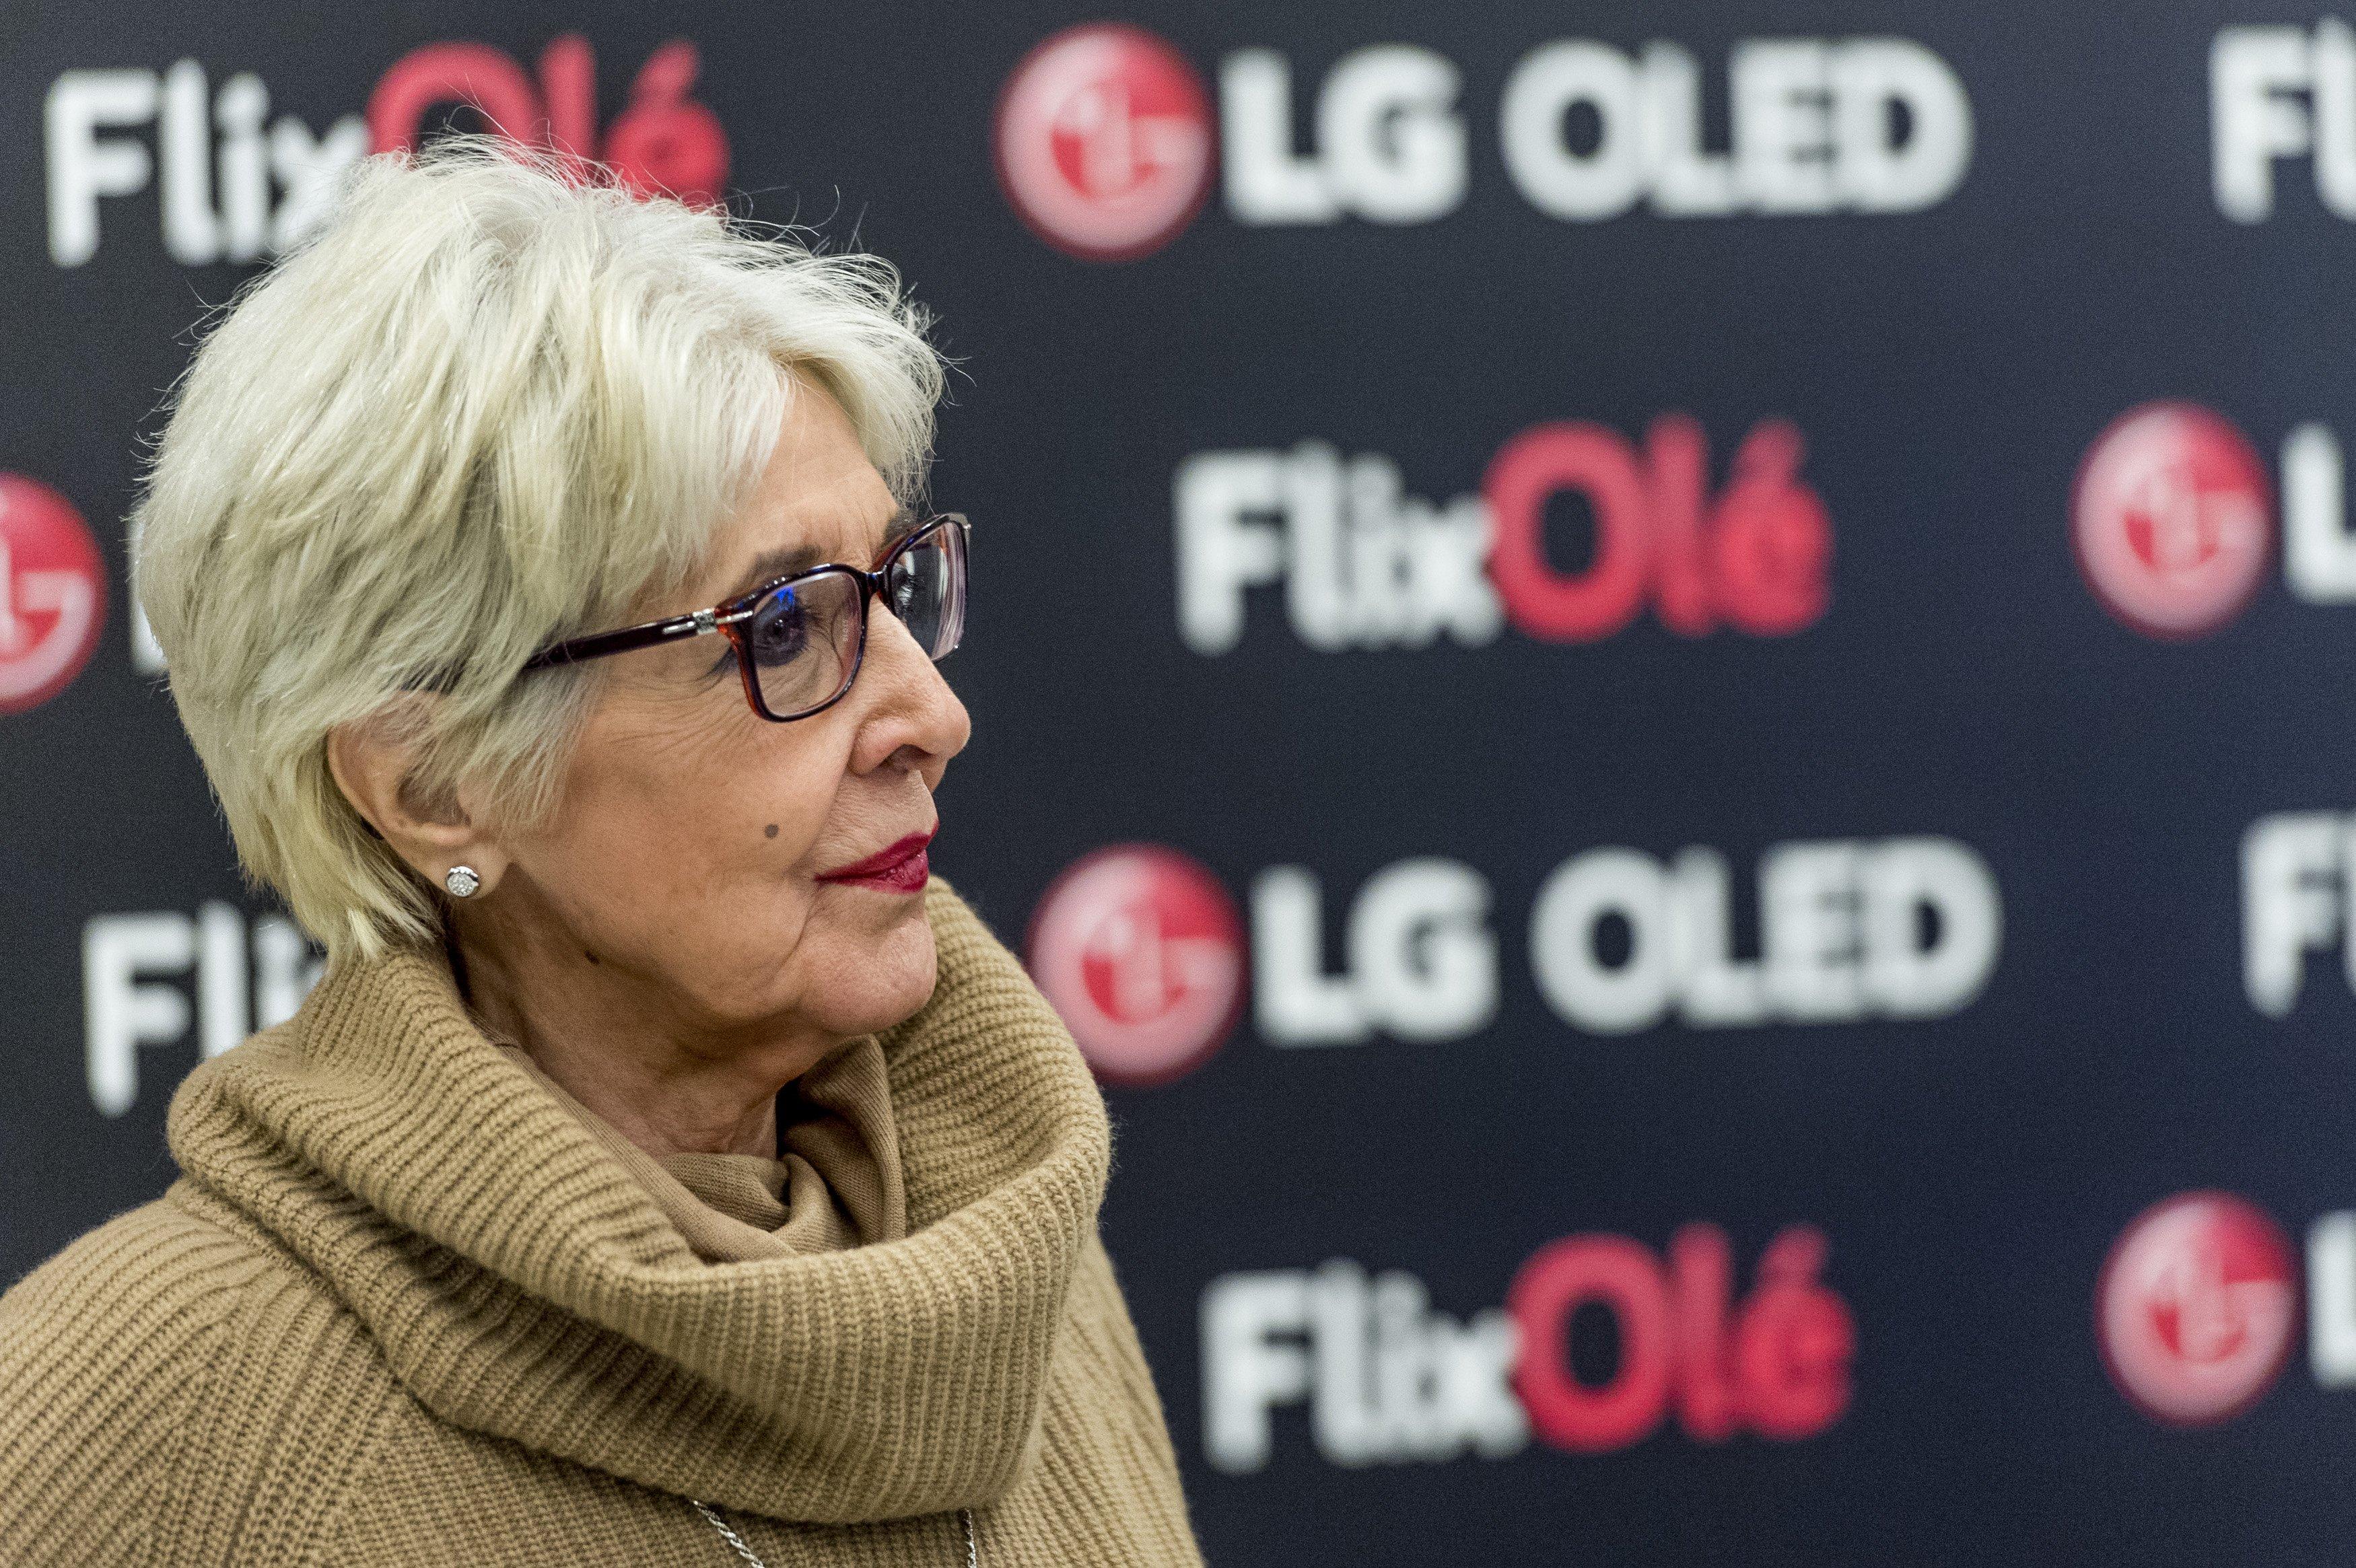 Concha Velasco en la presentación de FlixOlé en la Real Academia de la Lengua Española el 7 de noviembre de 2018 en Madrid, España || Fuente: Getty Images